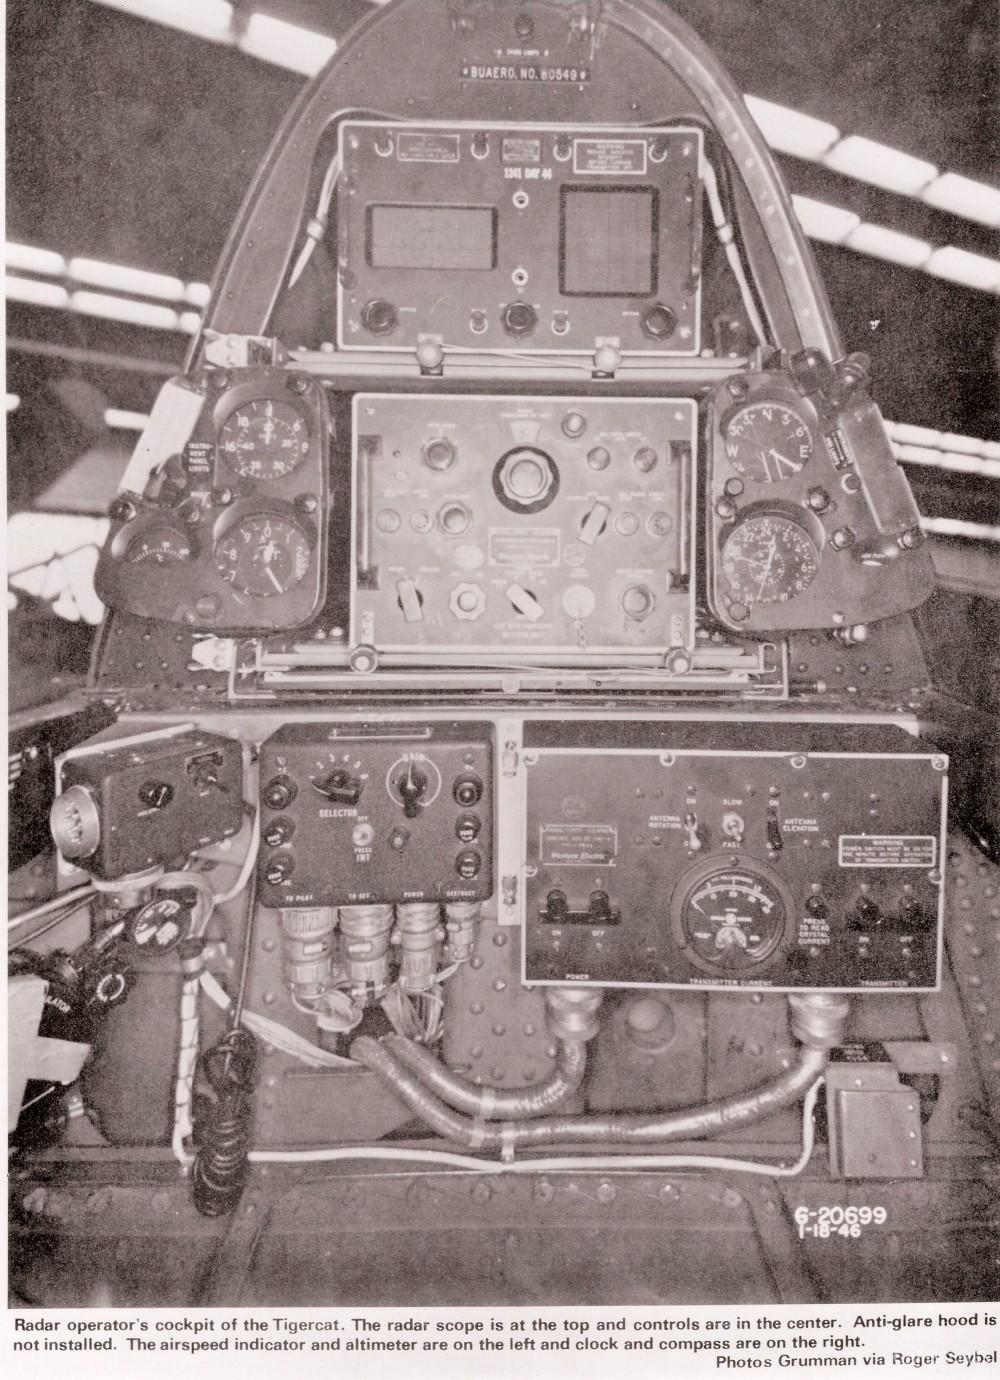 F7F-3N的雷达控制面板,由雷达操作员控制